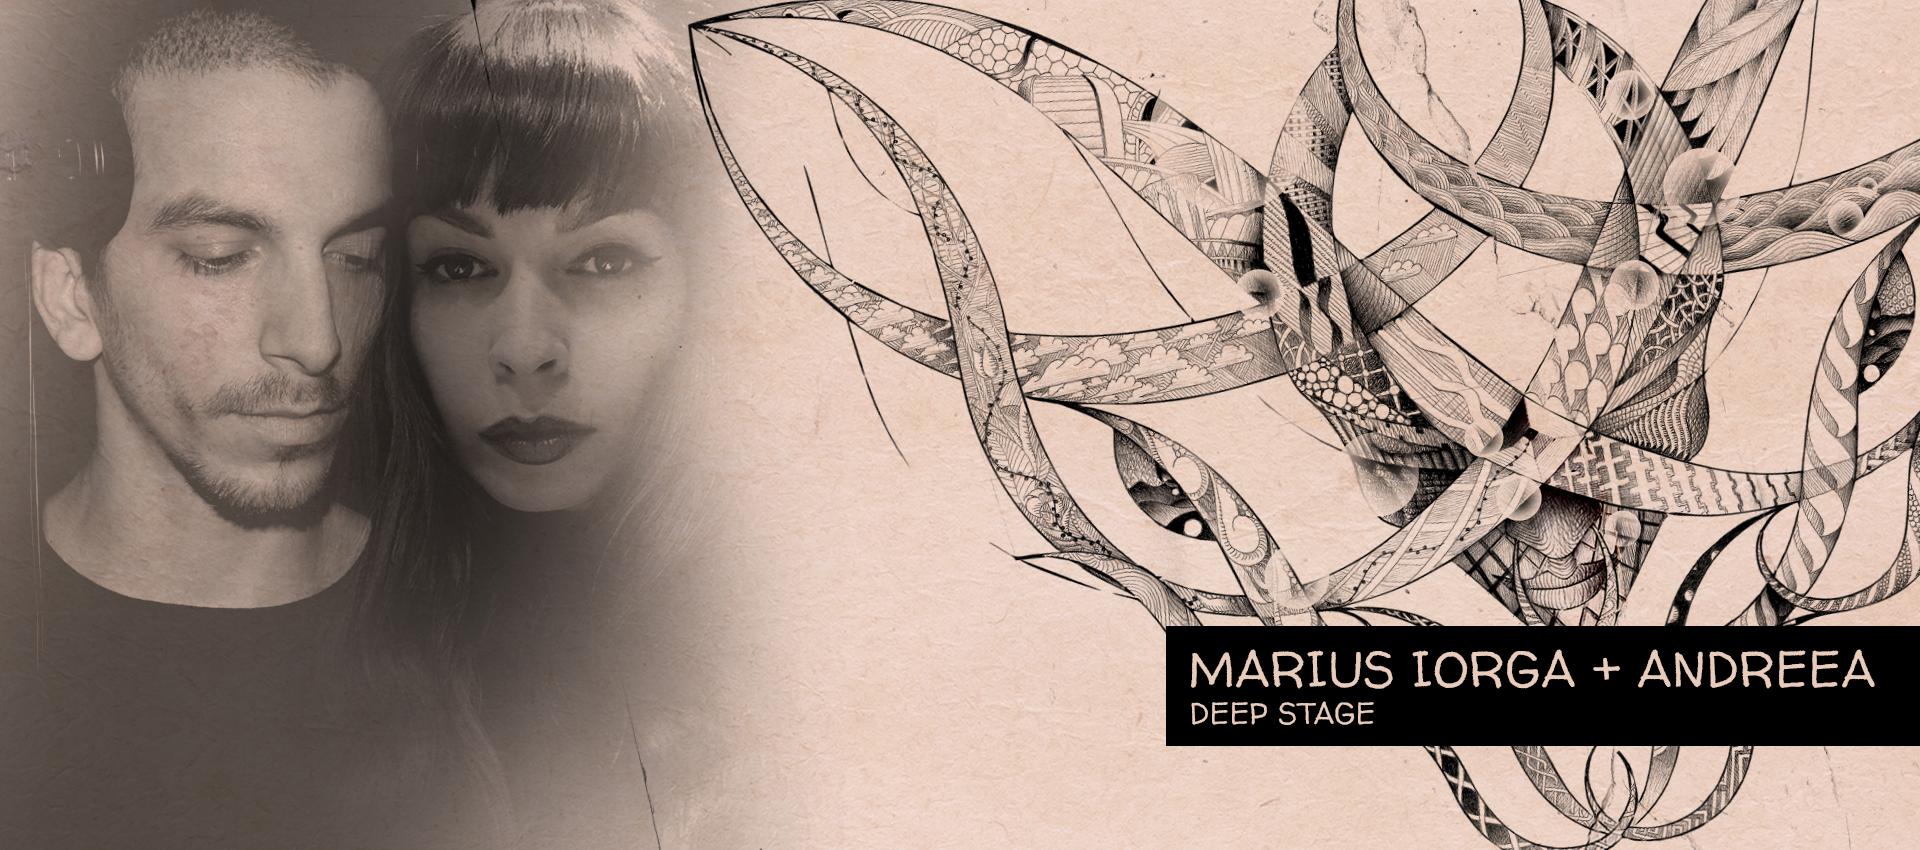 Marius Iorga + Andreea